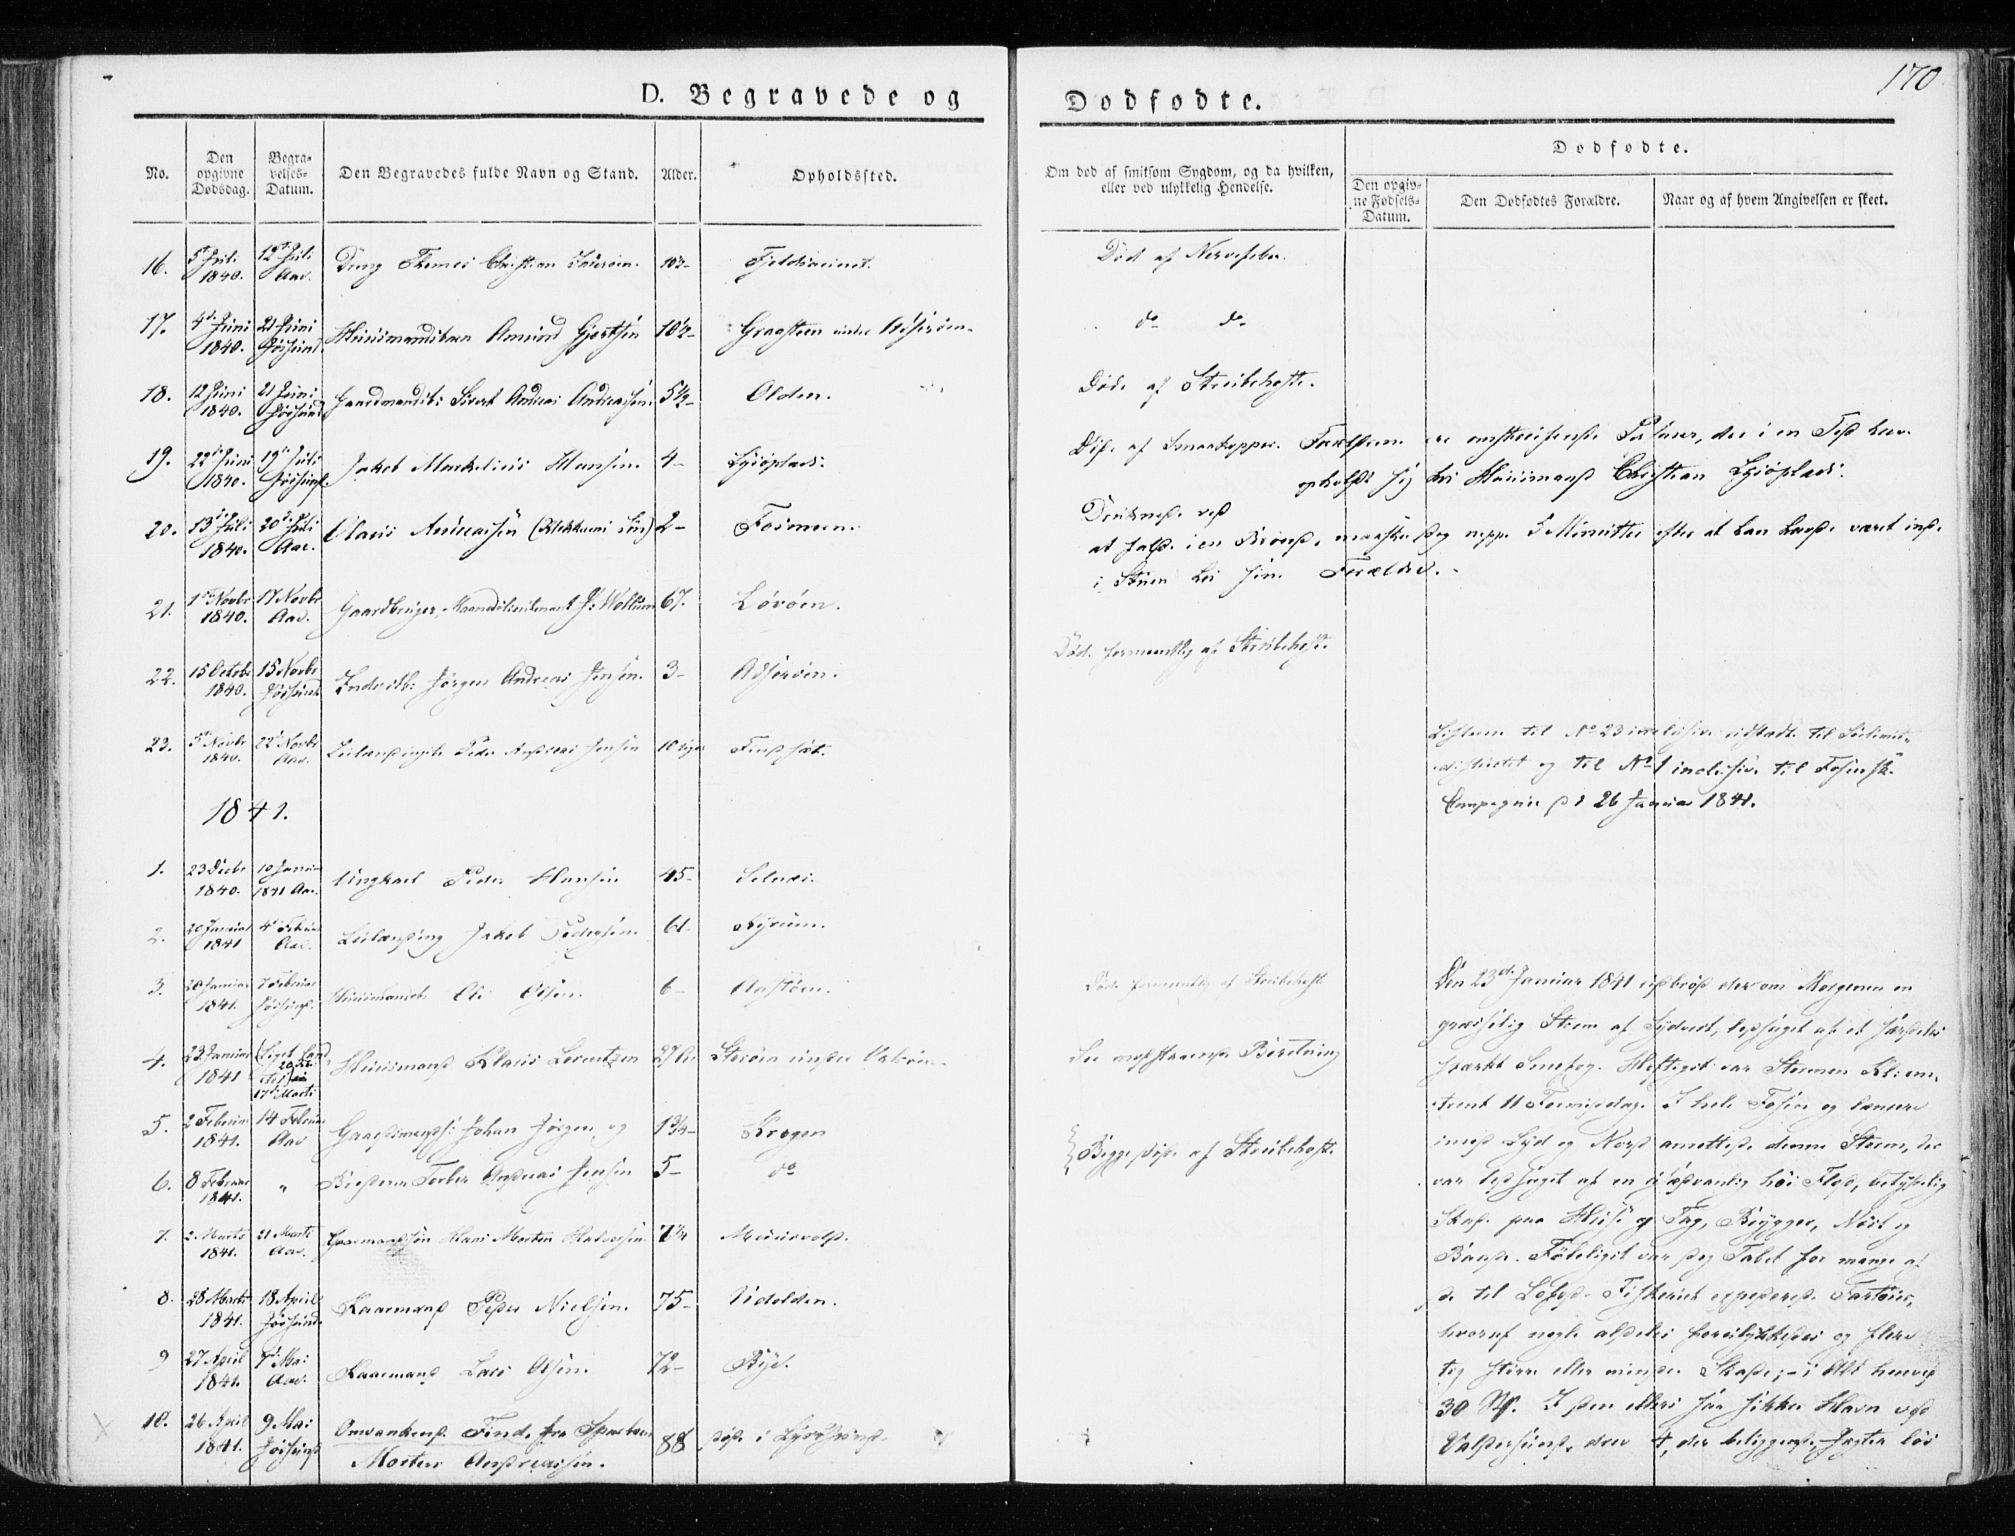 SAT, Ministerialprotokoller, klokkerbøker og fødselsregistre - Sør-Trøndelag, 655/L0676: Ministerialbok nr. 655A05, 1830-1847, s. 170